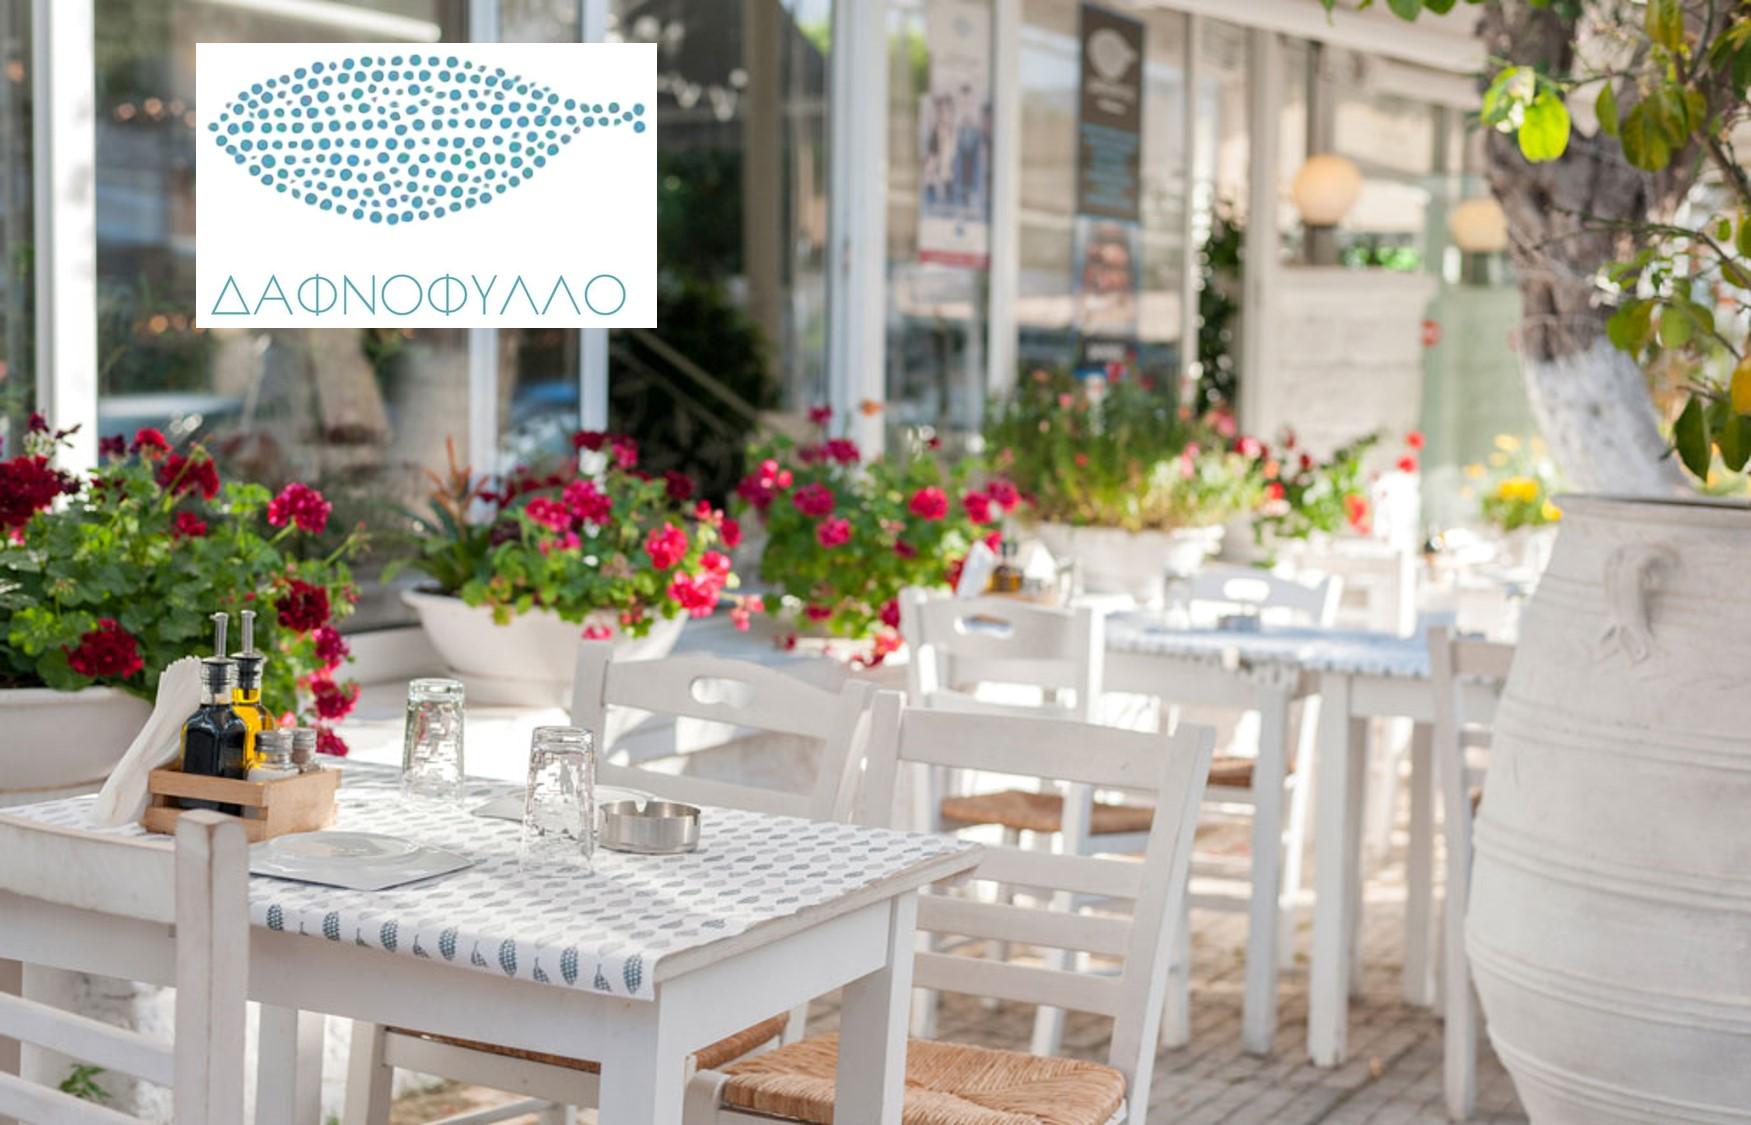 12€ από 20€ για πλήρες menu 2 ατόμων, ελεύθερη επιλογή, στο μεζεδοπωλείο - ψαροταβέρνα ''Δαφνόφυλλο'' στην Γλυφάδα εικόνα